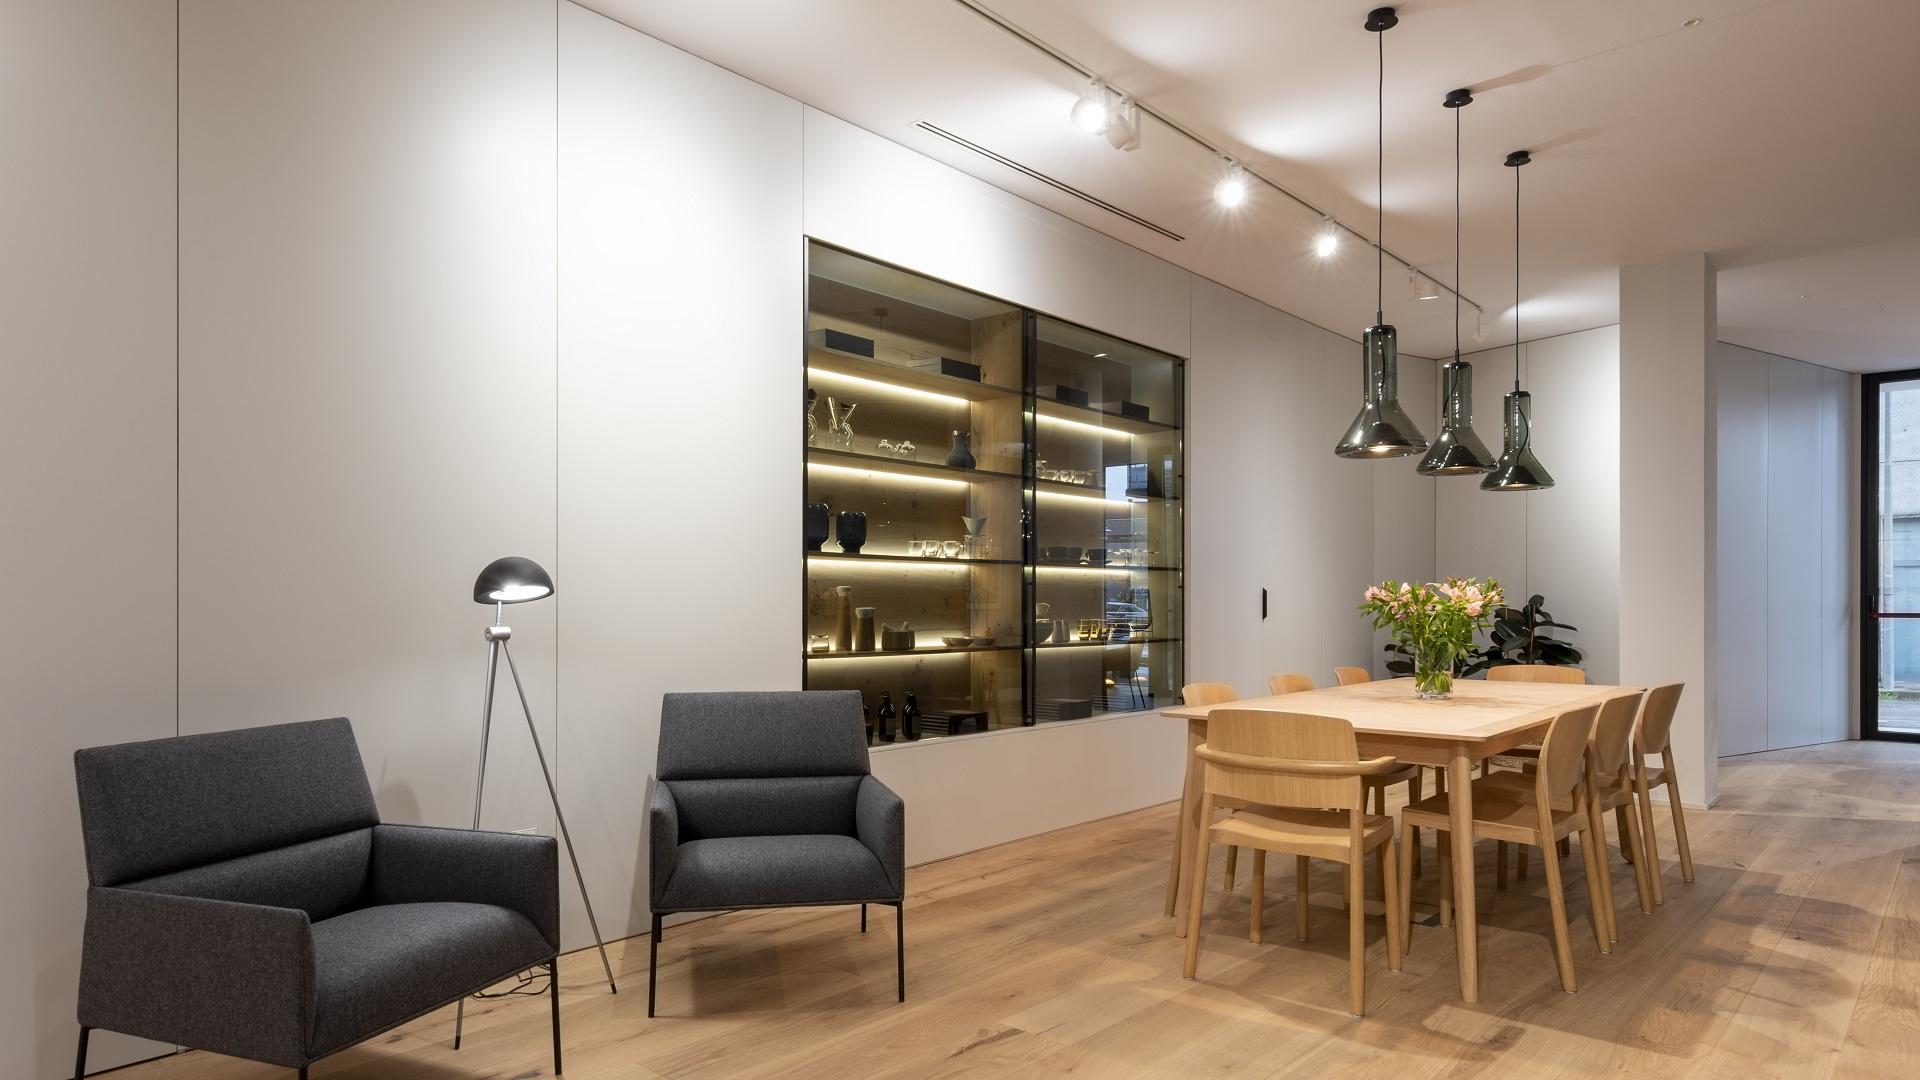 Exposición de cocinas tienda Santiago Interiores